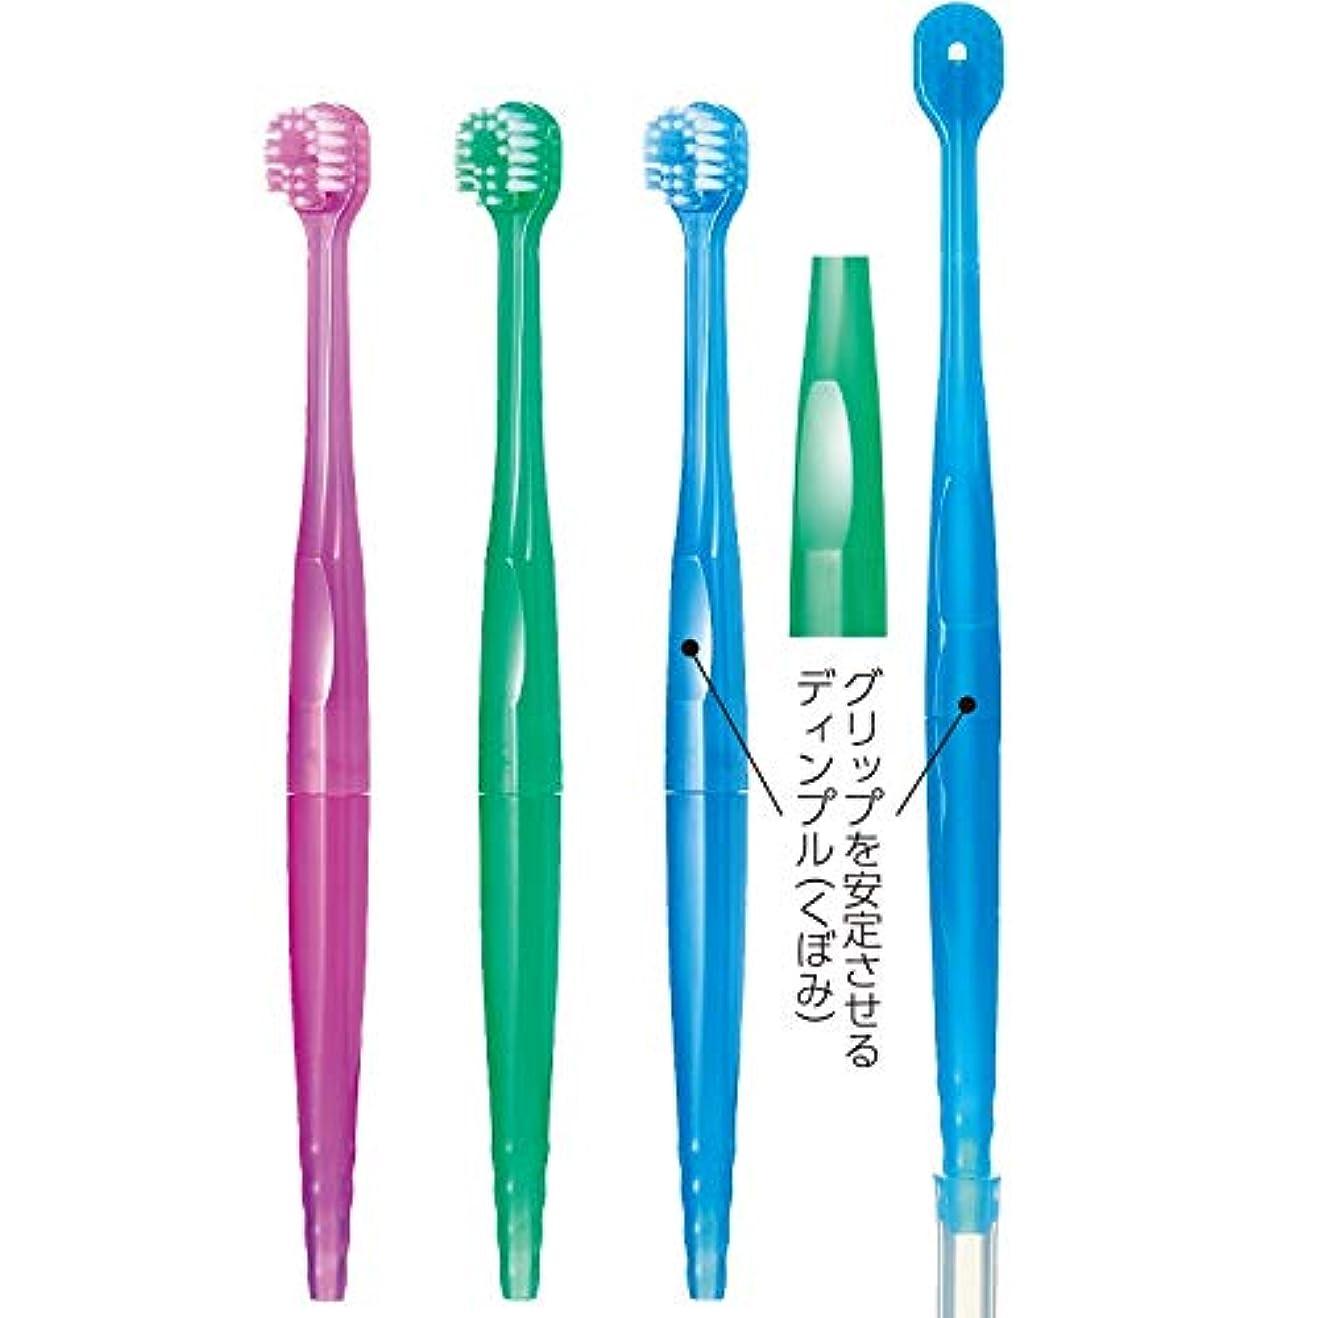 拍車デジタルスプレーCi Qin歯ブラシ(吸引歯ブラシ) /12本